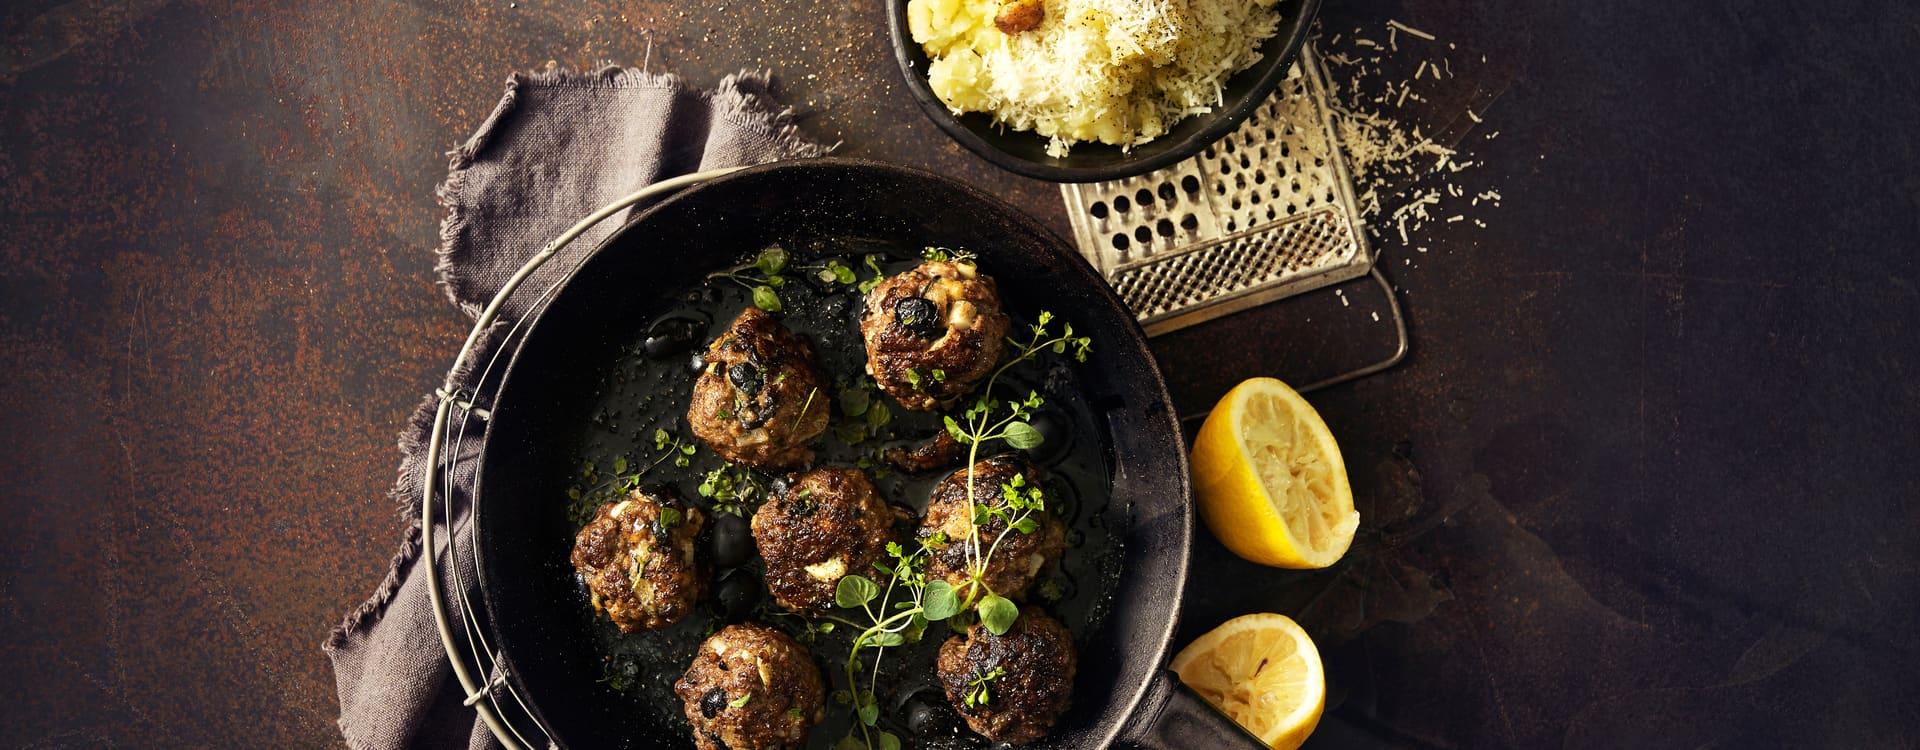 Italienske kjøttboller med oliven og hvitløkspoteter